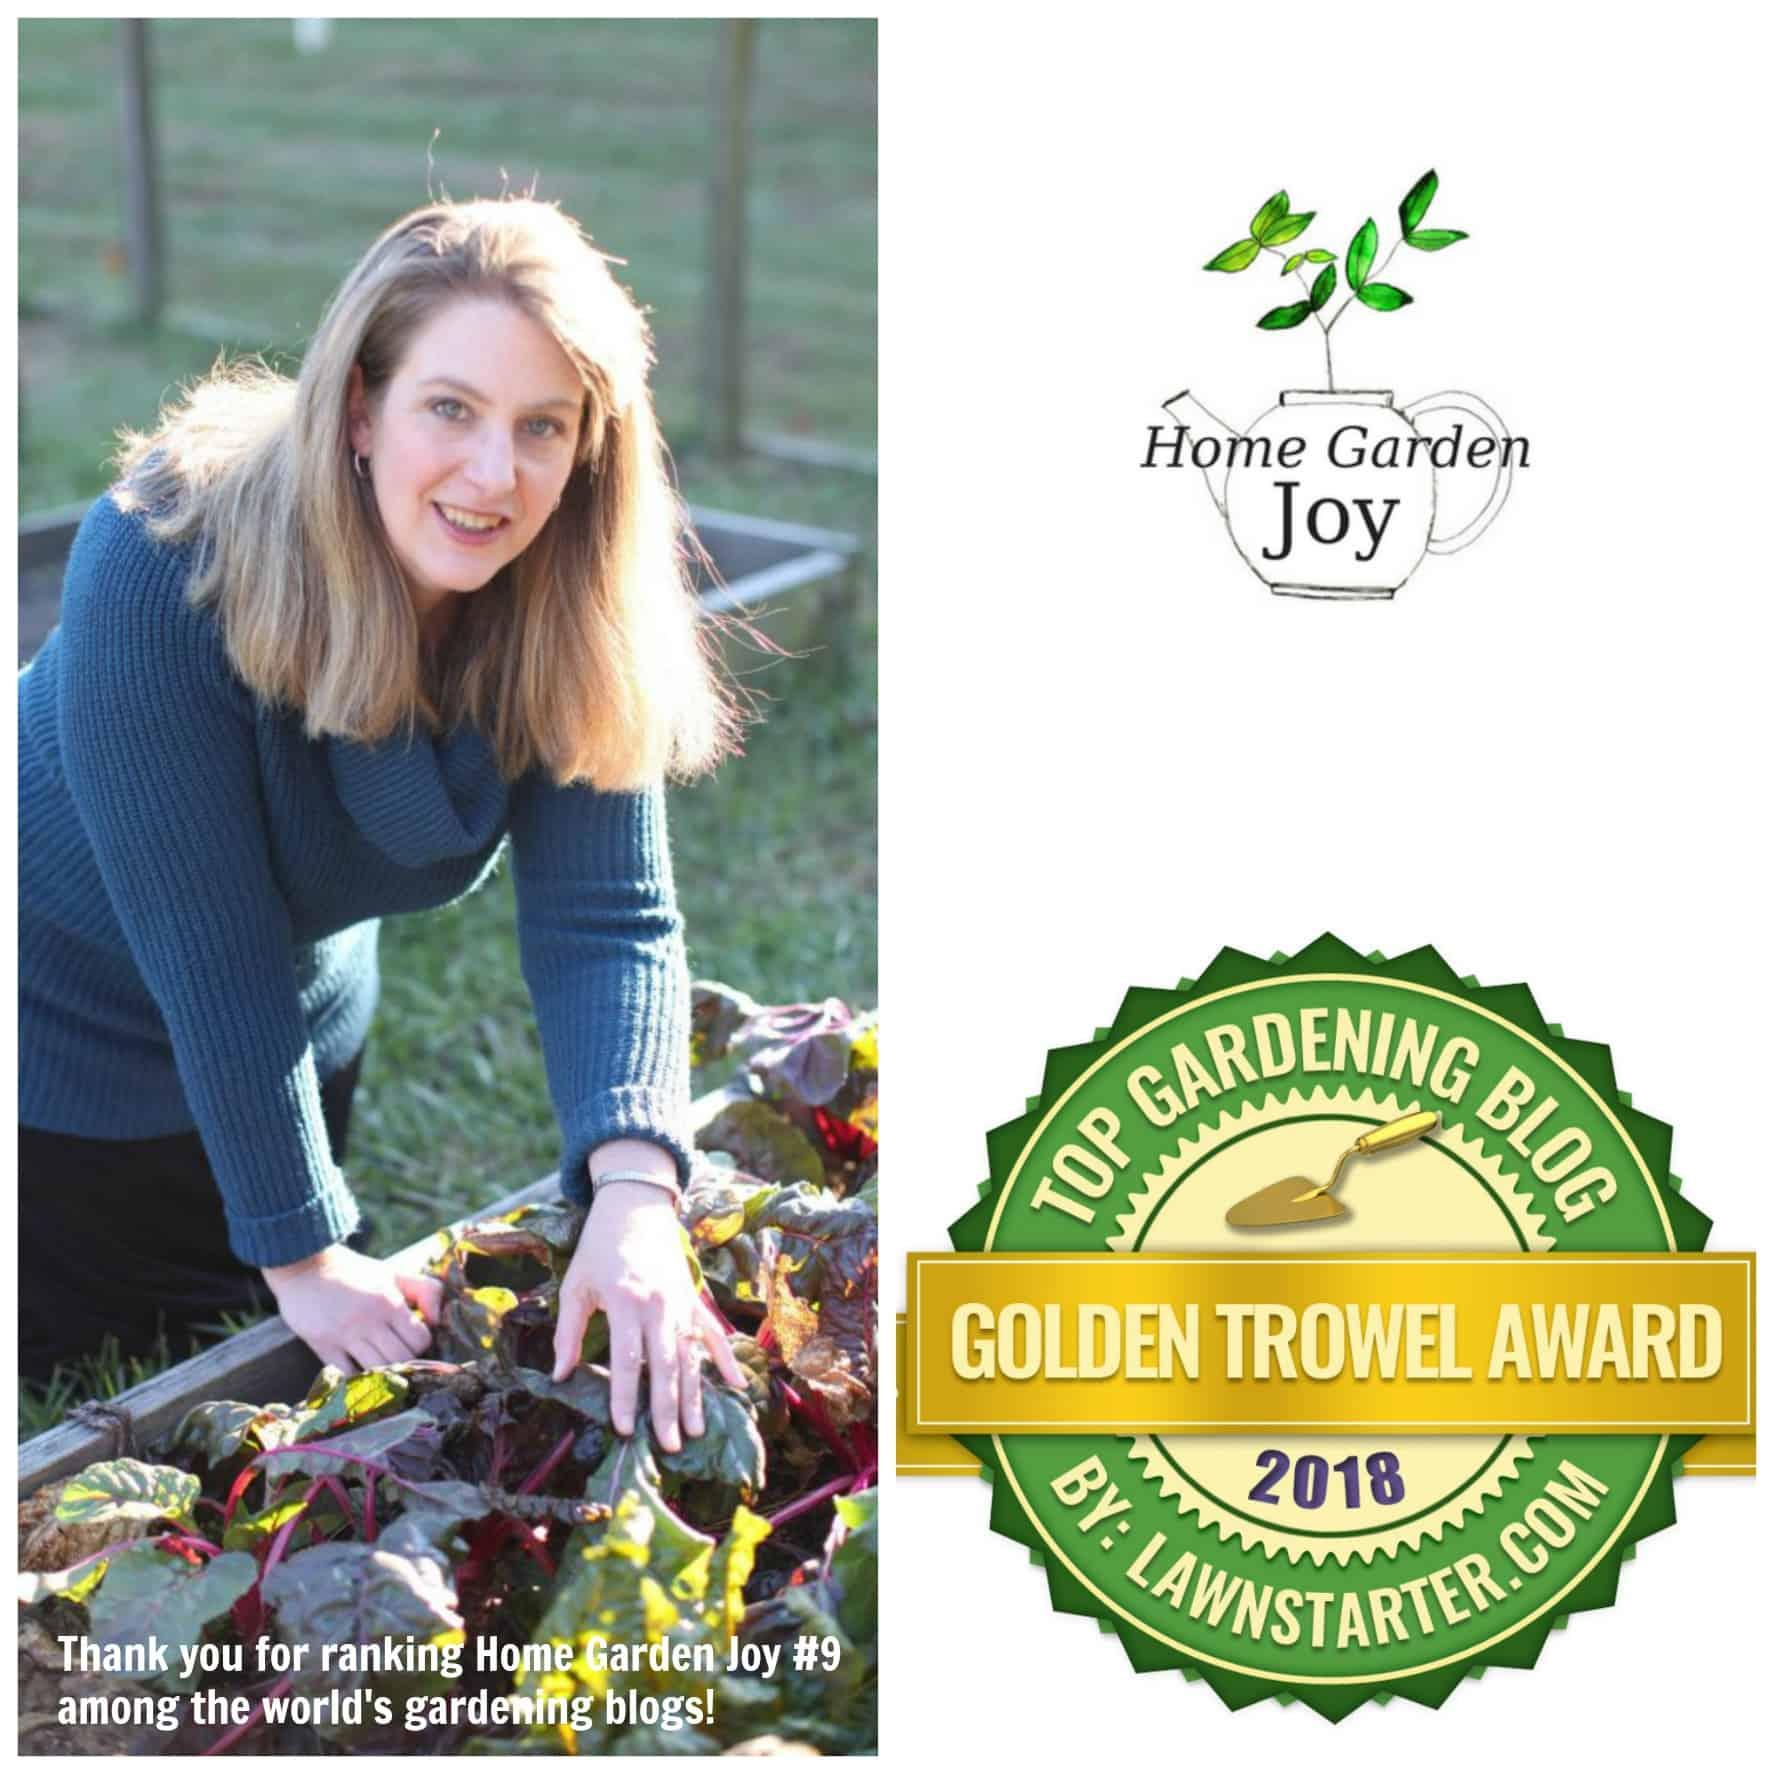 home garden joy 2018 winner - Garden Joy